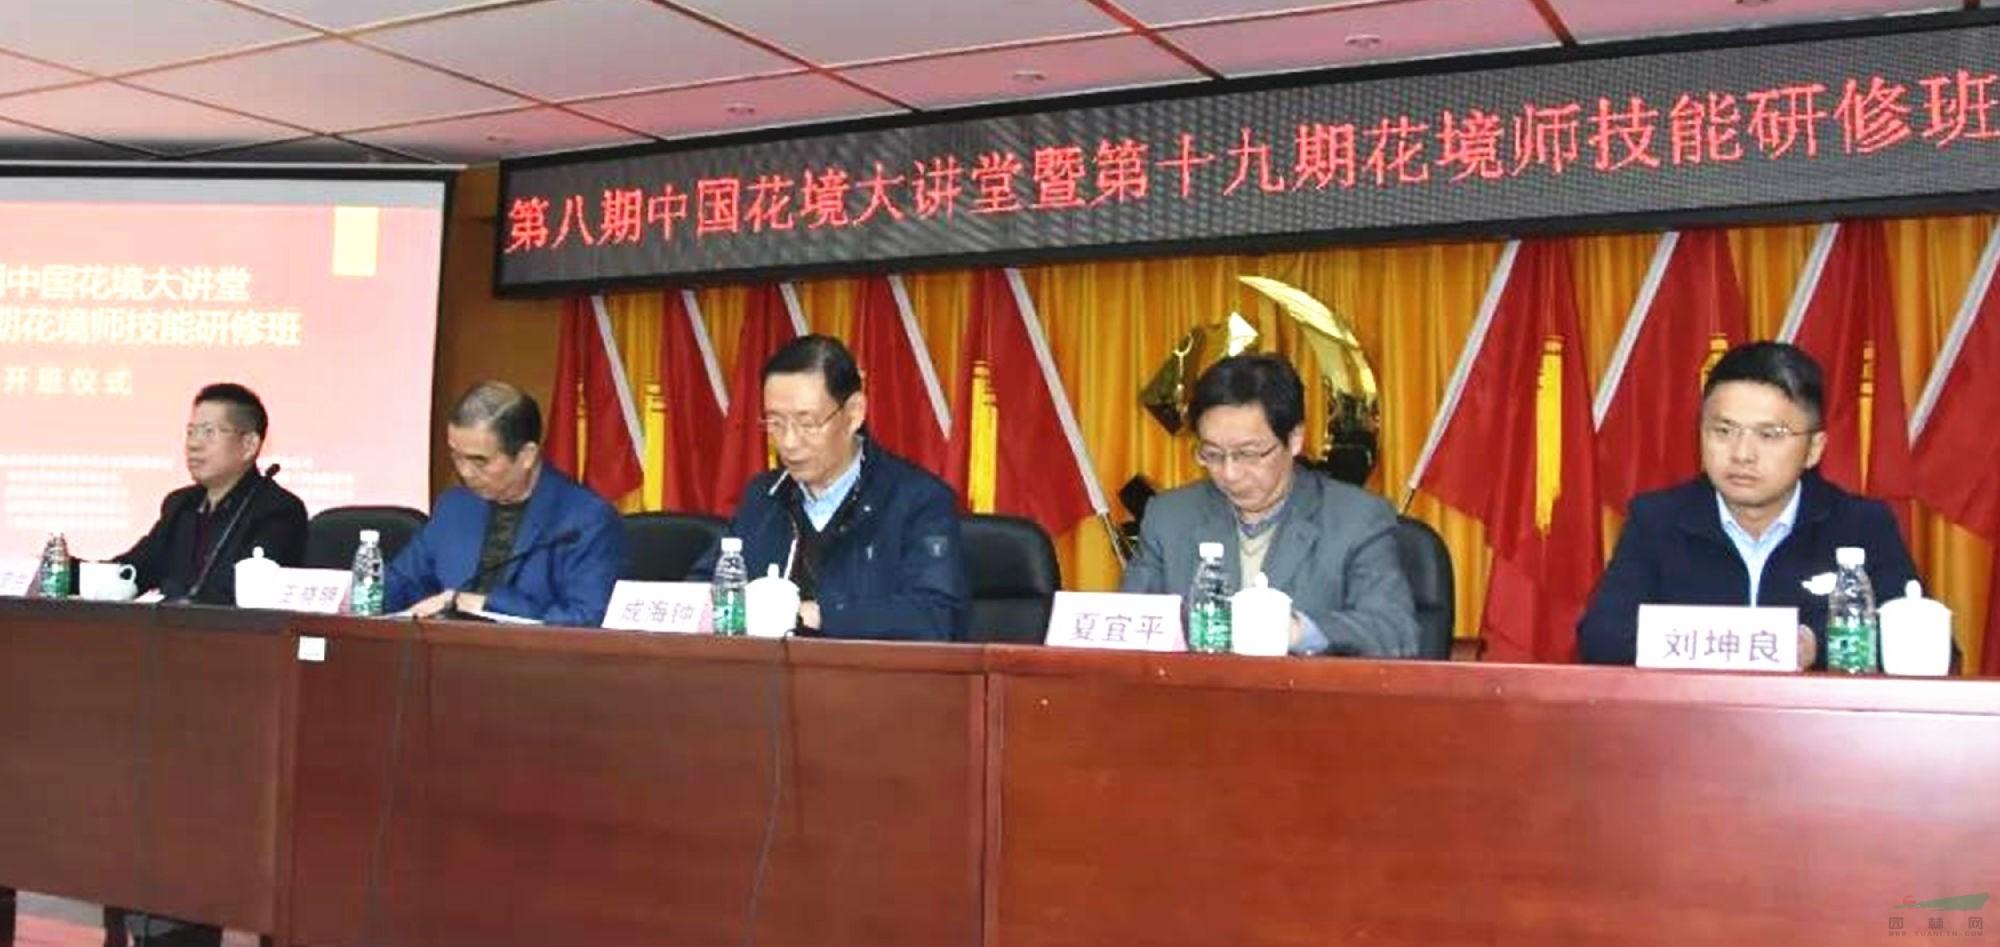 第八期中国大讲堂暨第十九期花境